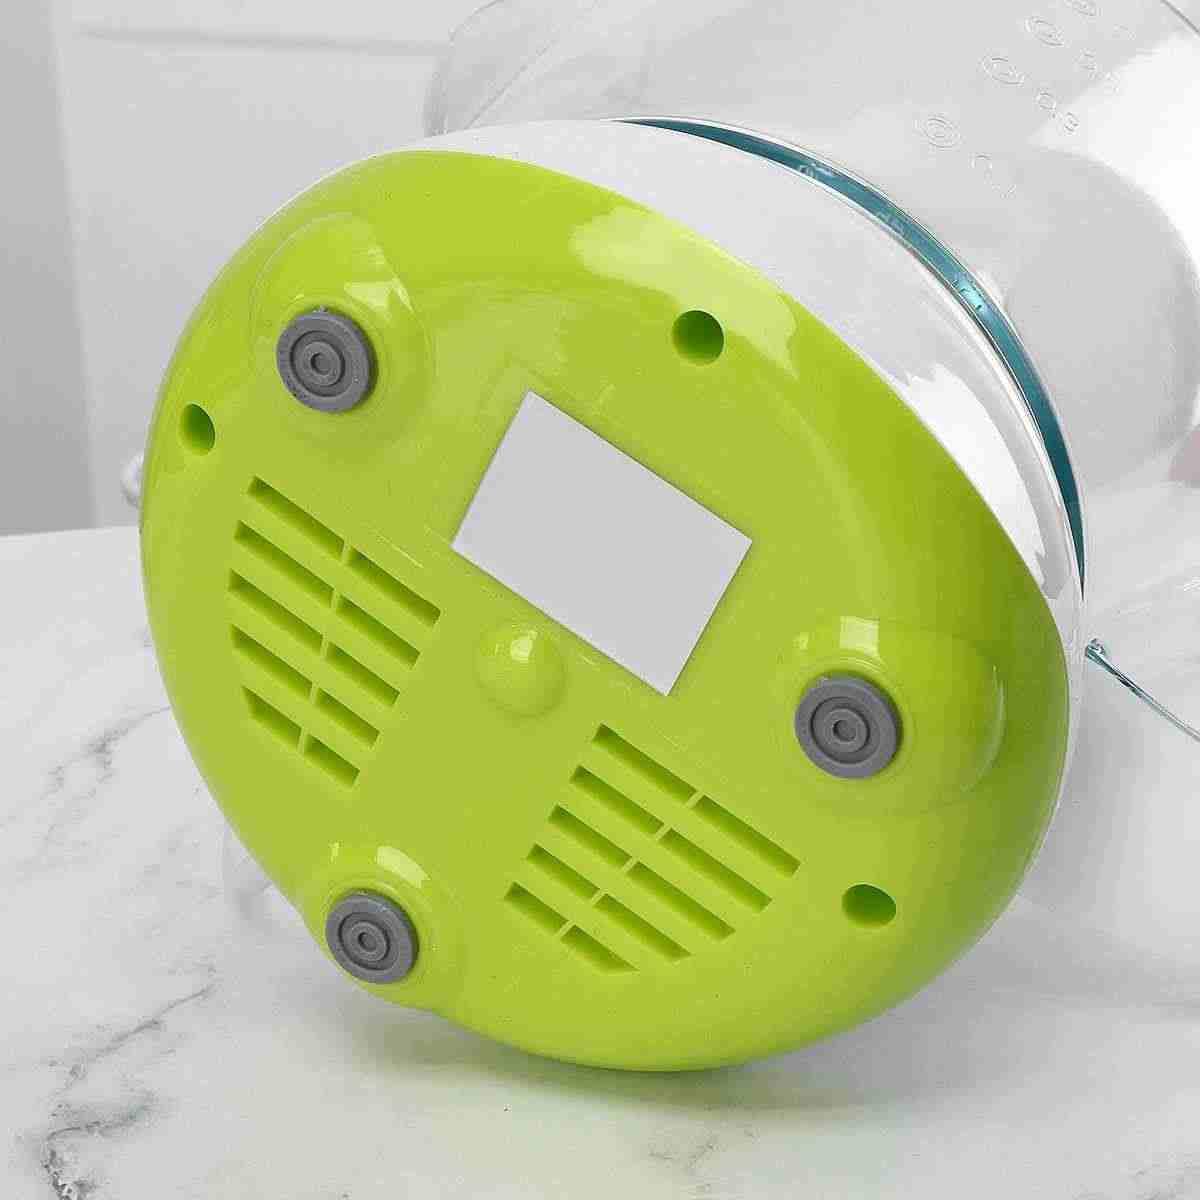 Espremedor elétrico laranjas citrinos limão toranja máquina de suco espremedor laranja portátil imprensa juicing máquina do agregado familiar